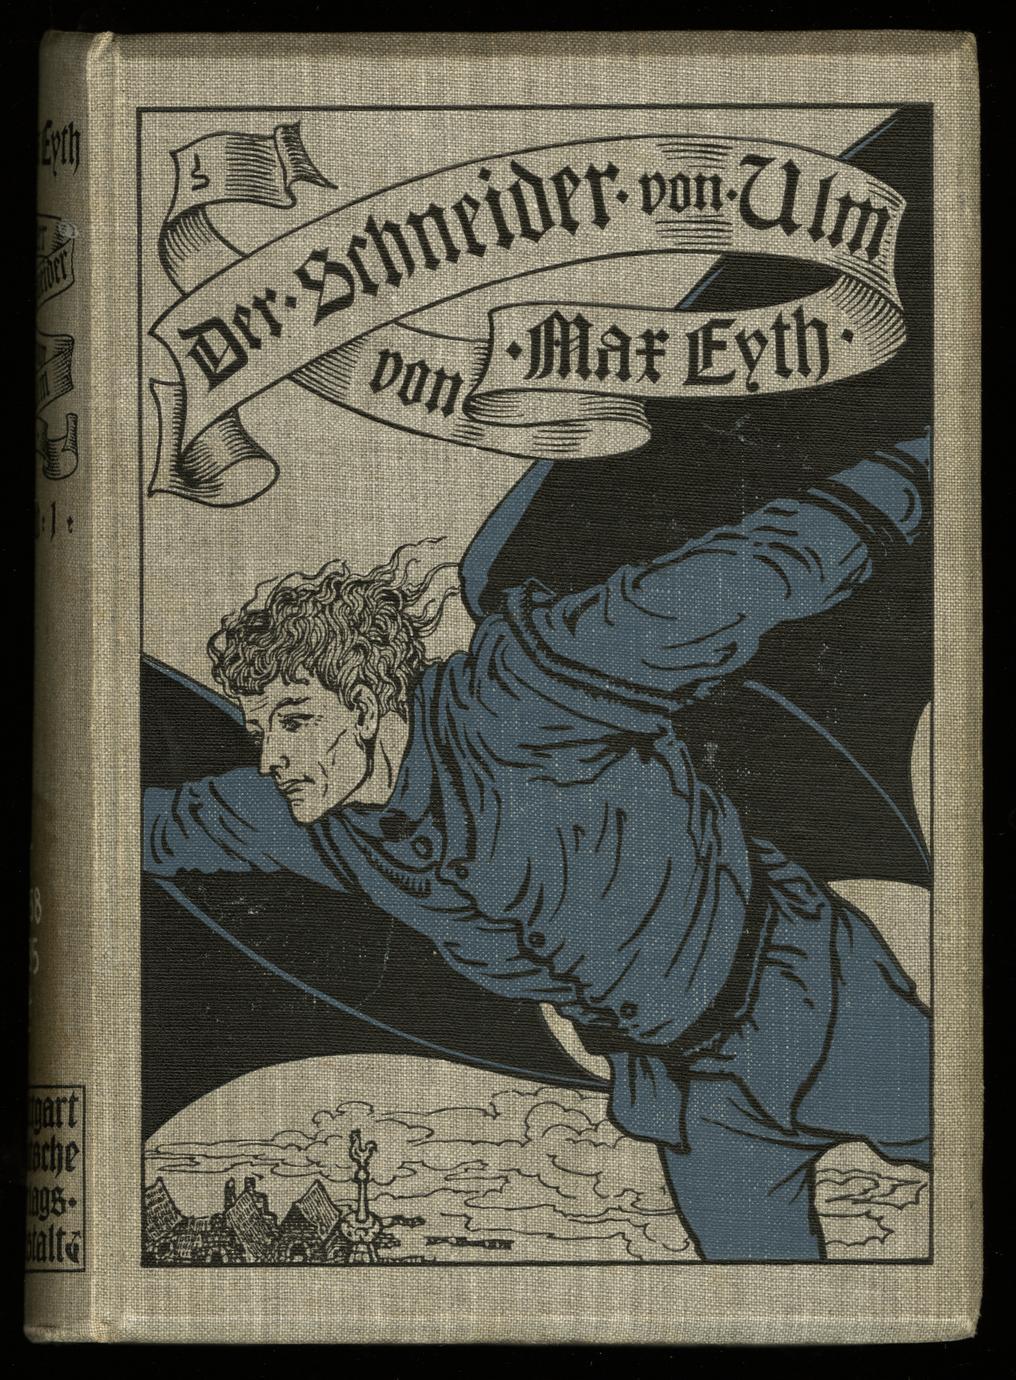 Der Schneider von Ulm (1 of 2)